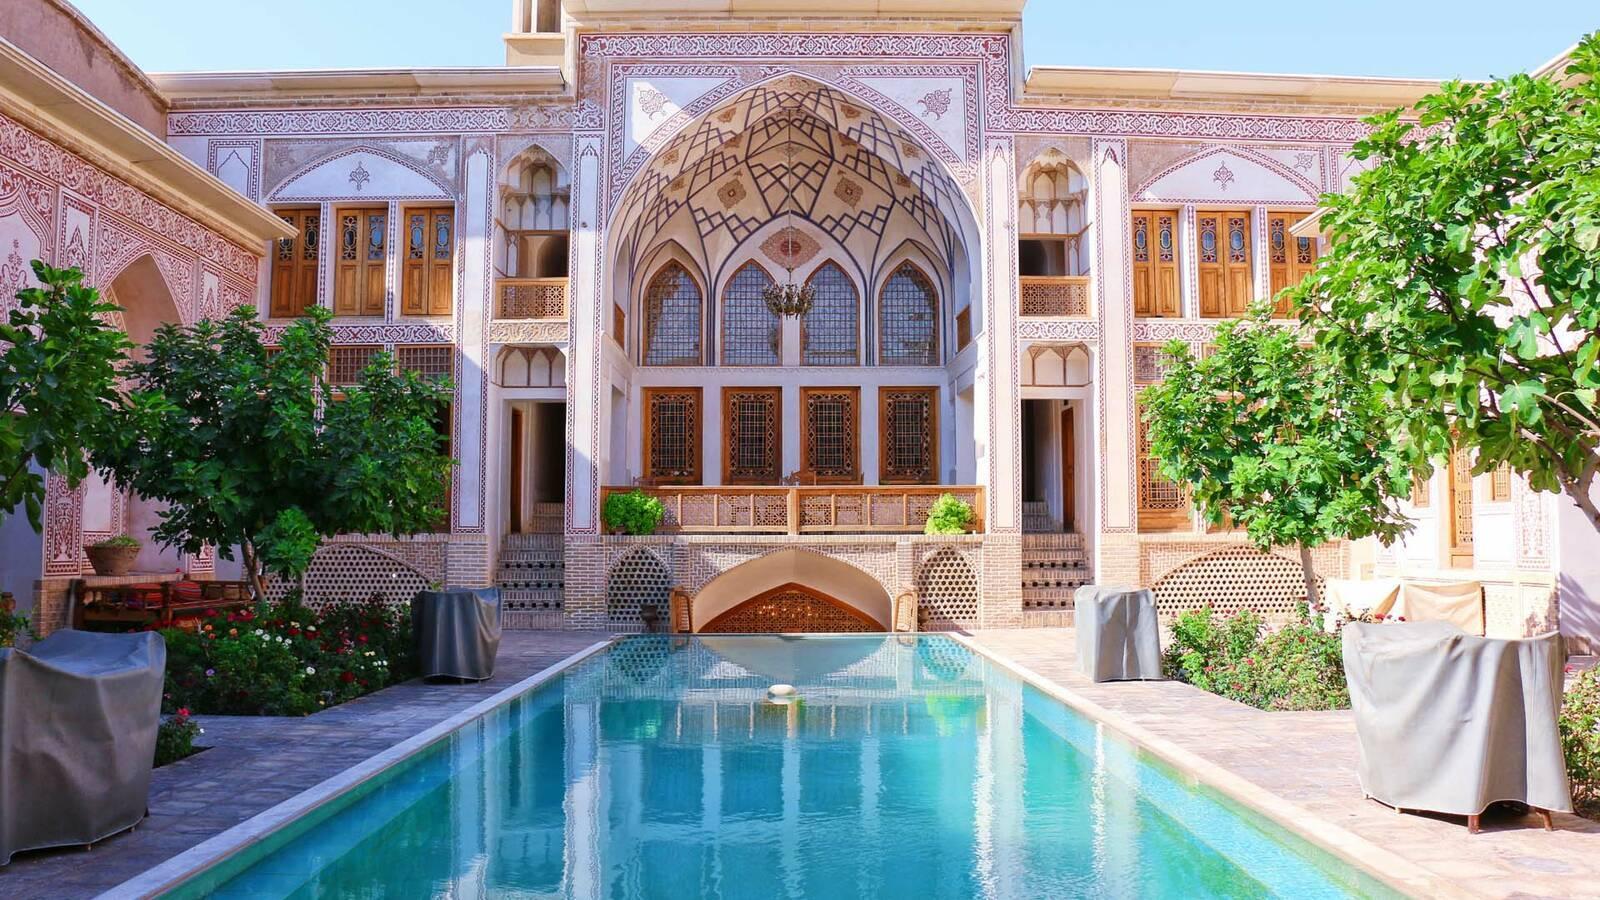 Iran Kashan morteza f shojaei